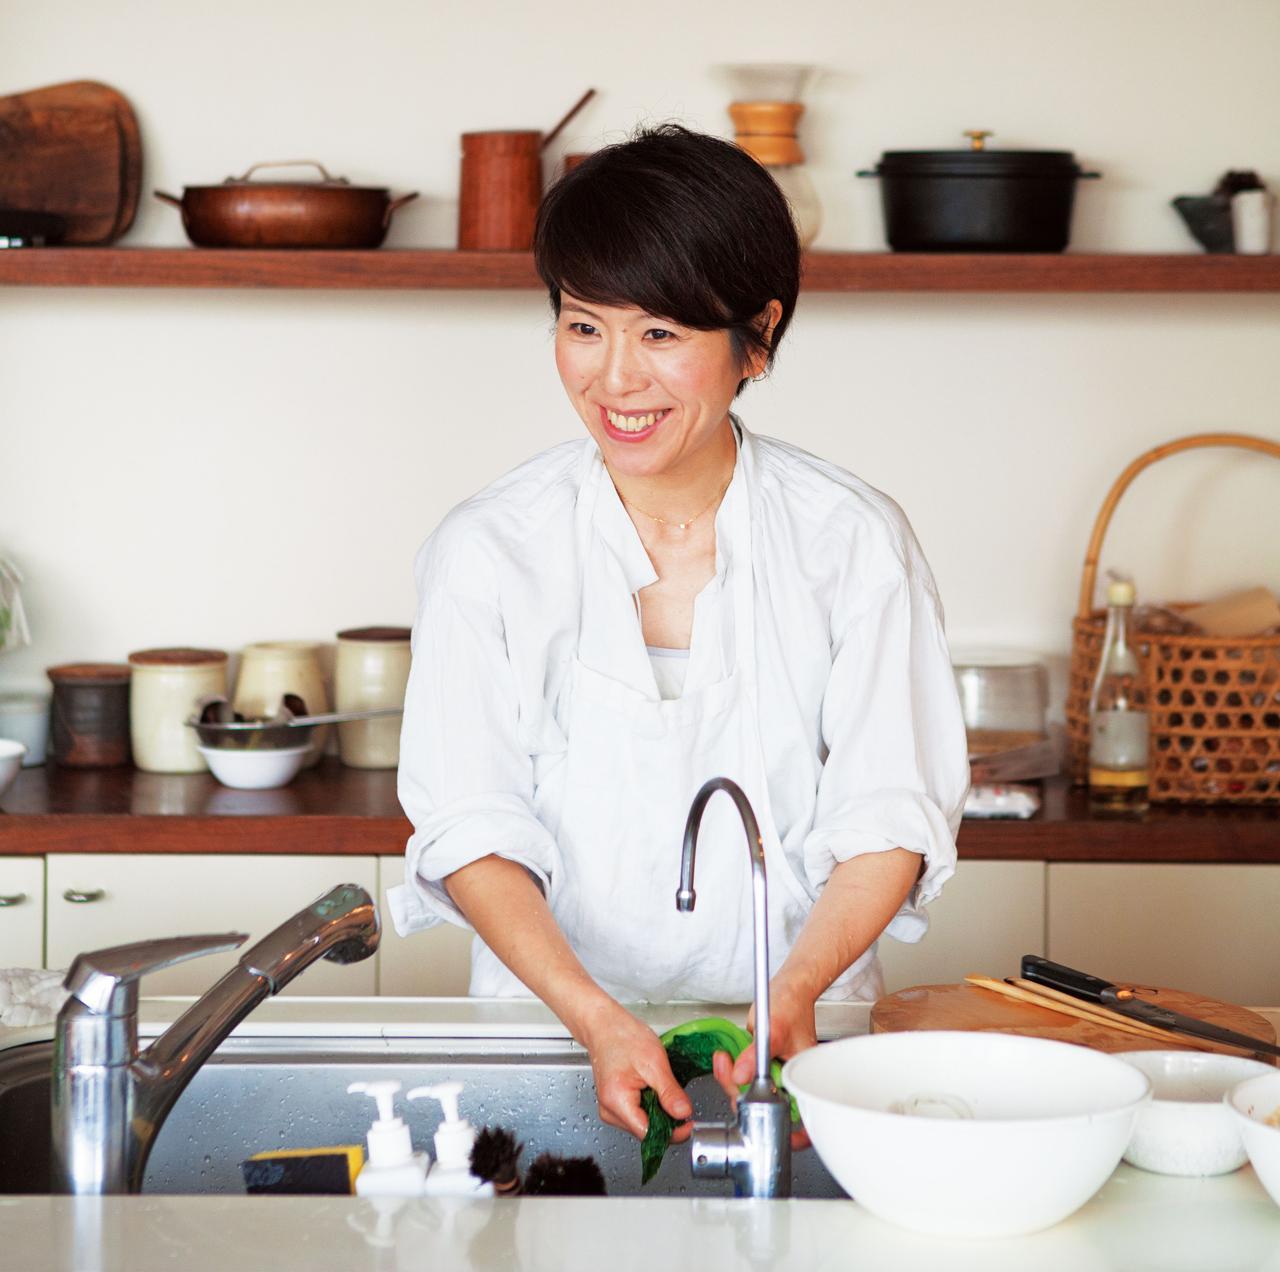 画像: 料理をつくりながら後片づけも同時進行でこなす、手際のよさ。平日の夕飯の支度は、40分程度。その分、朝食をつくるときに、夜の下ごしらえをして調理の貯金をこまめに